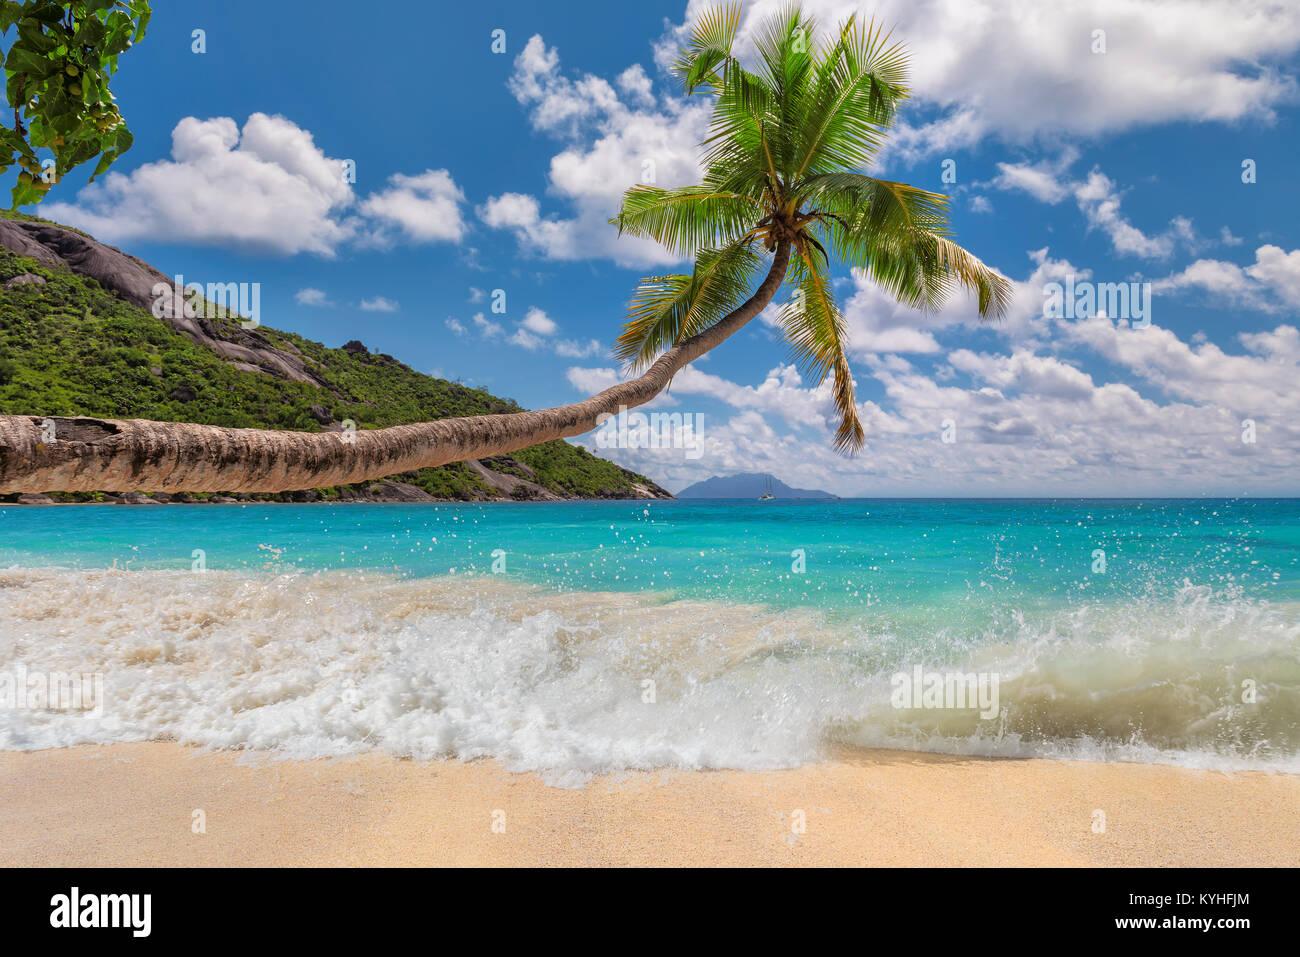 Playa tropical con palmeras. Imagen De Stock